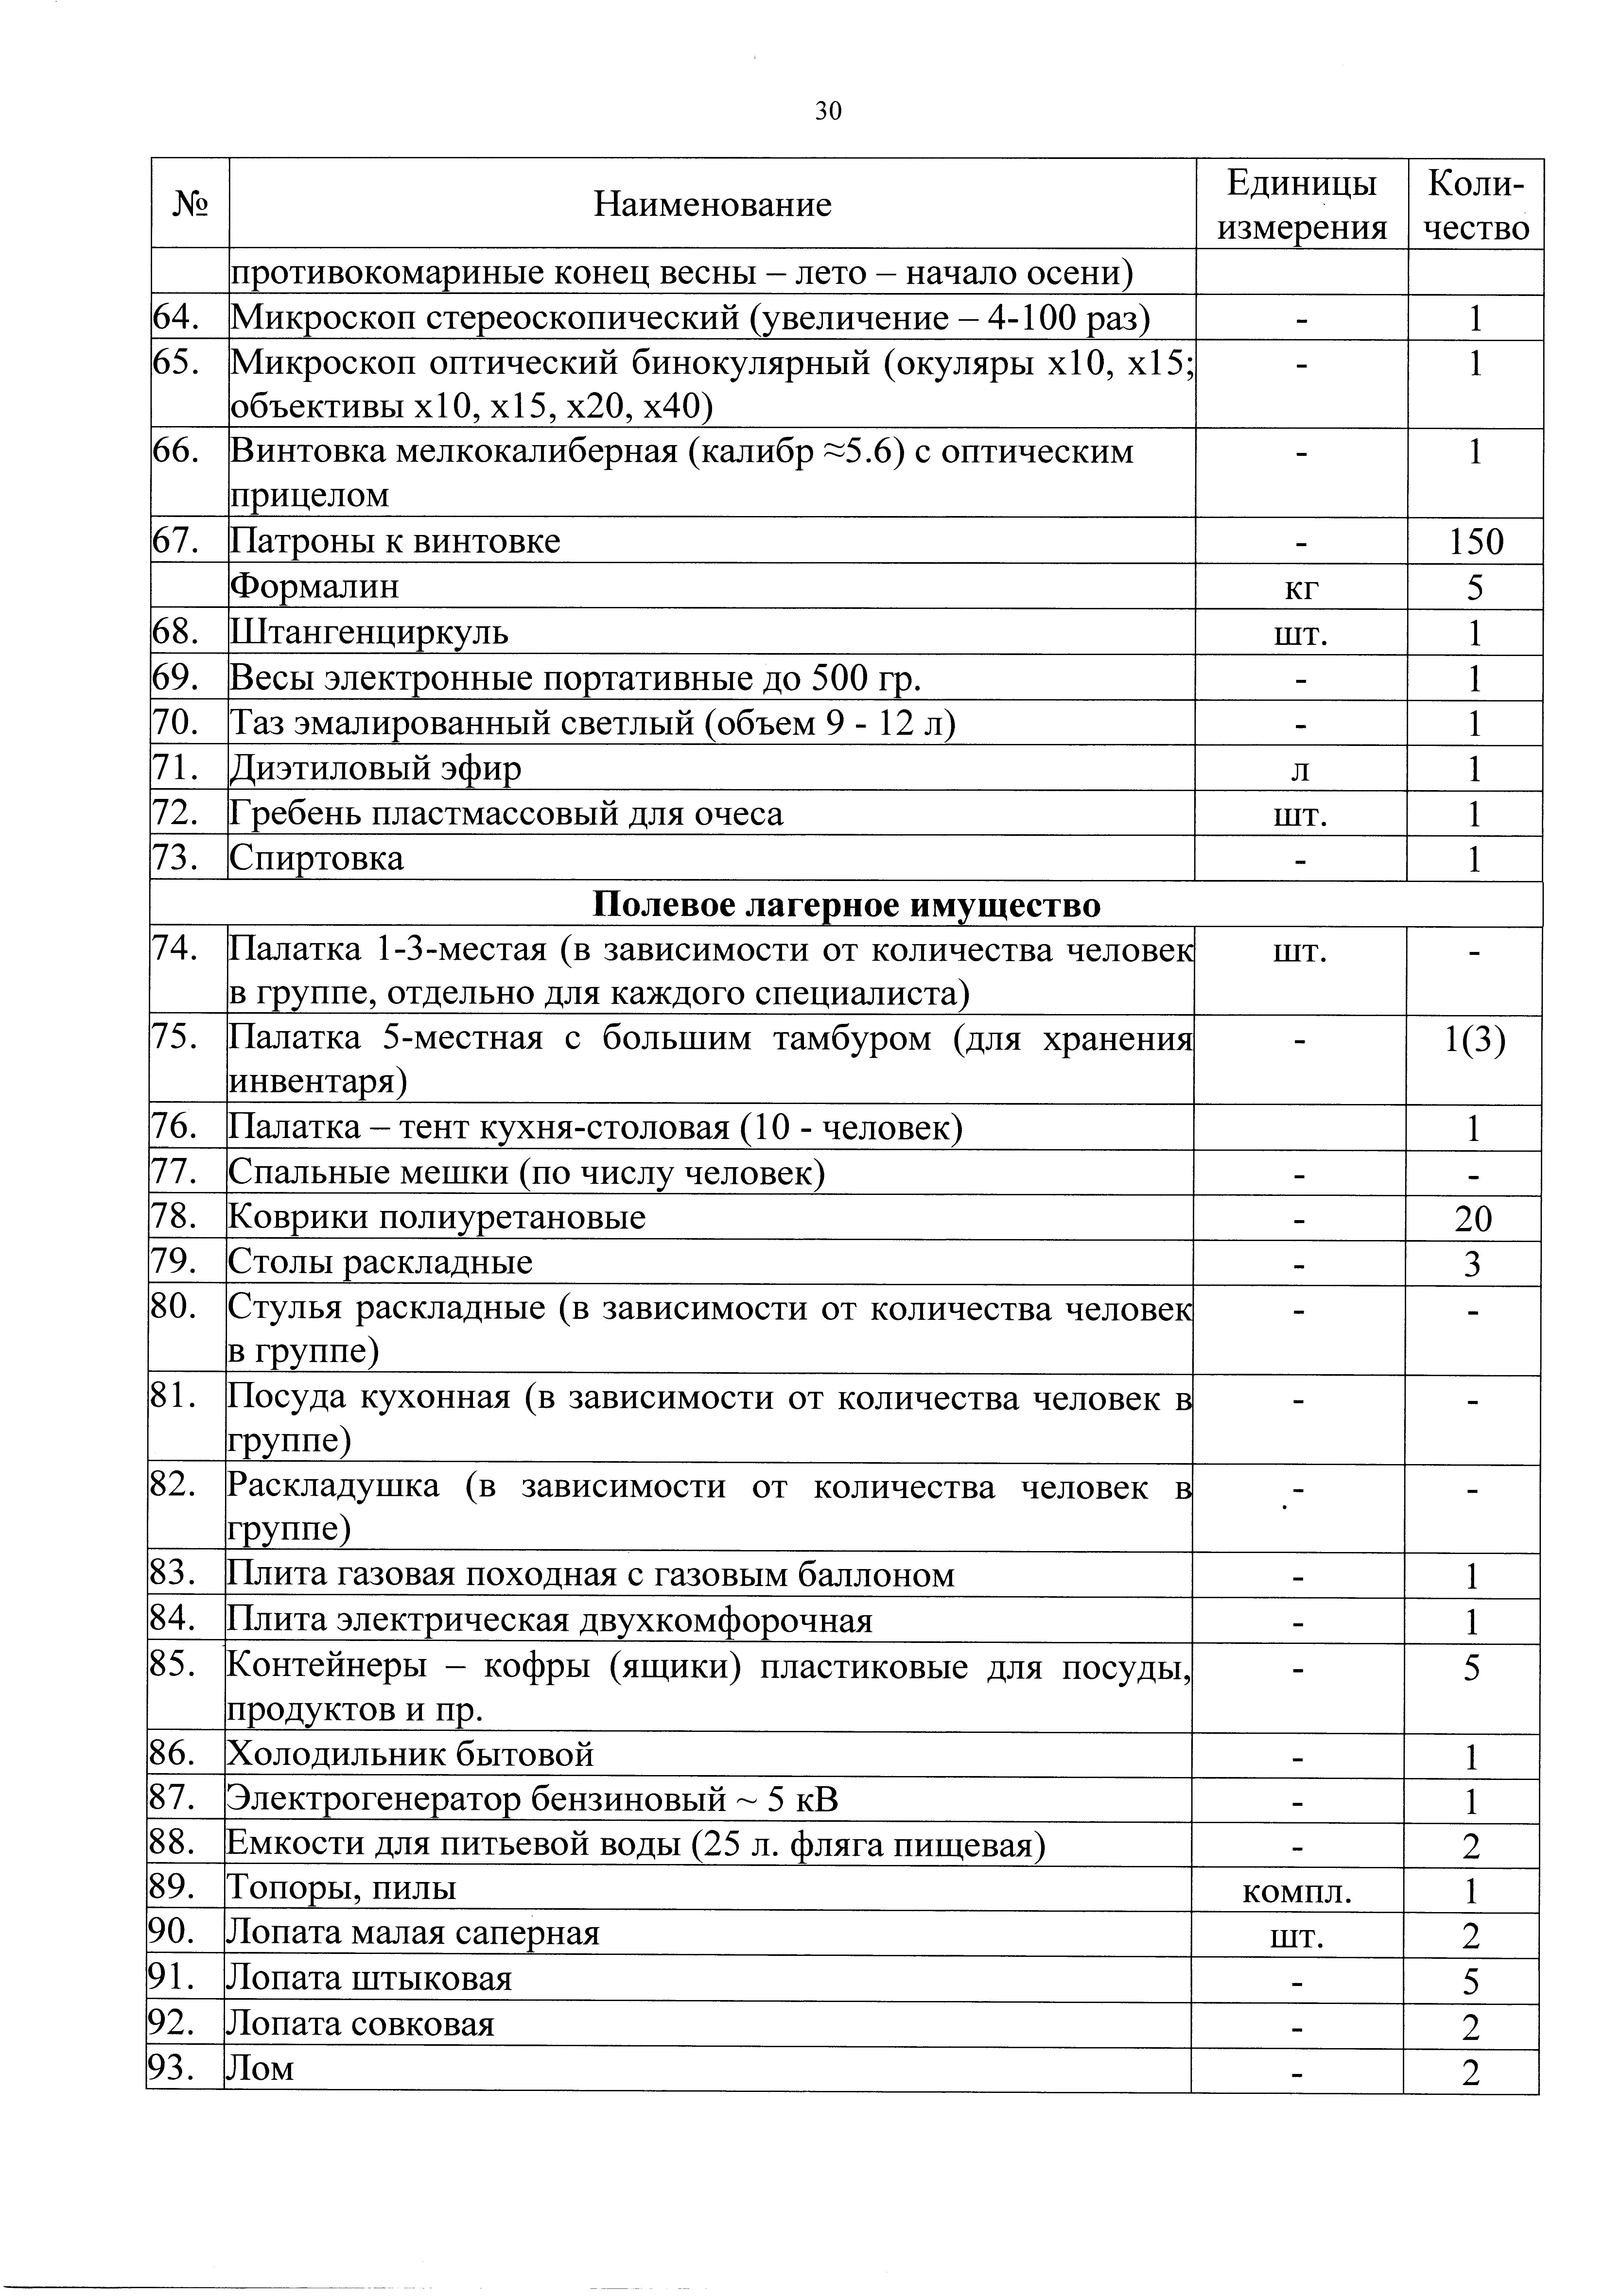 mr-3.1.0211_20-otlov_-uchet-i-prognoz-chislennosti-melkikh-zhivotnykh-i-ptits (1)_Страница_30.png (237 KB)